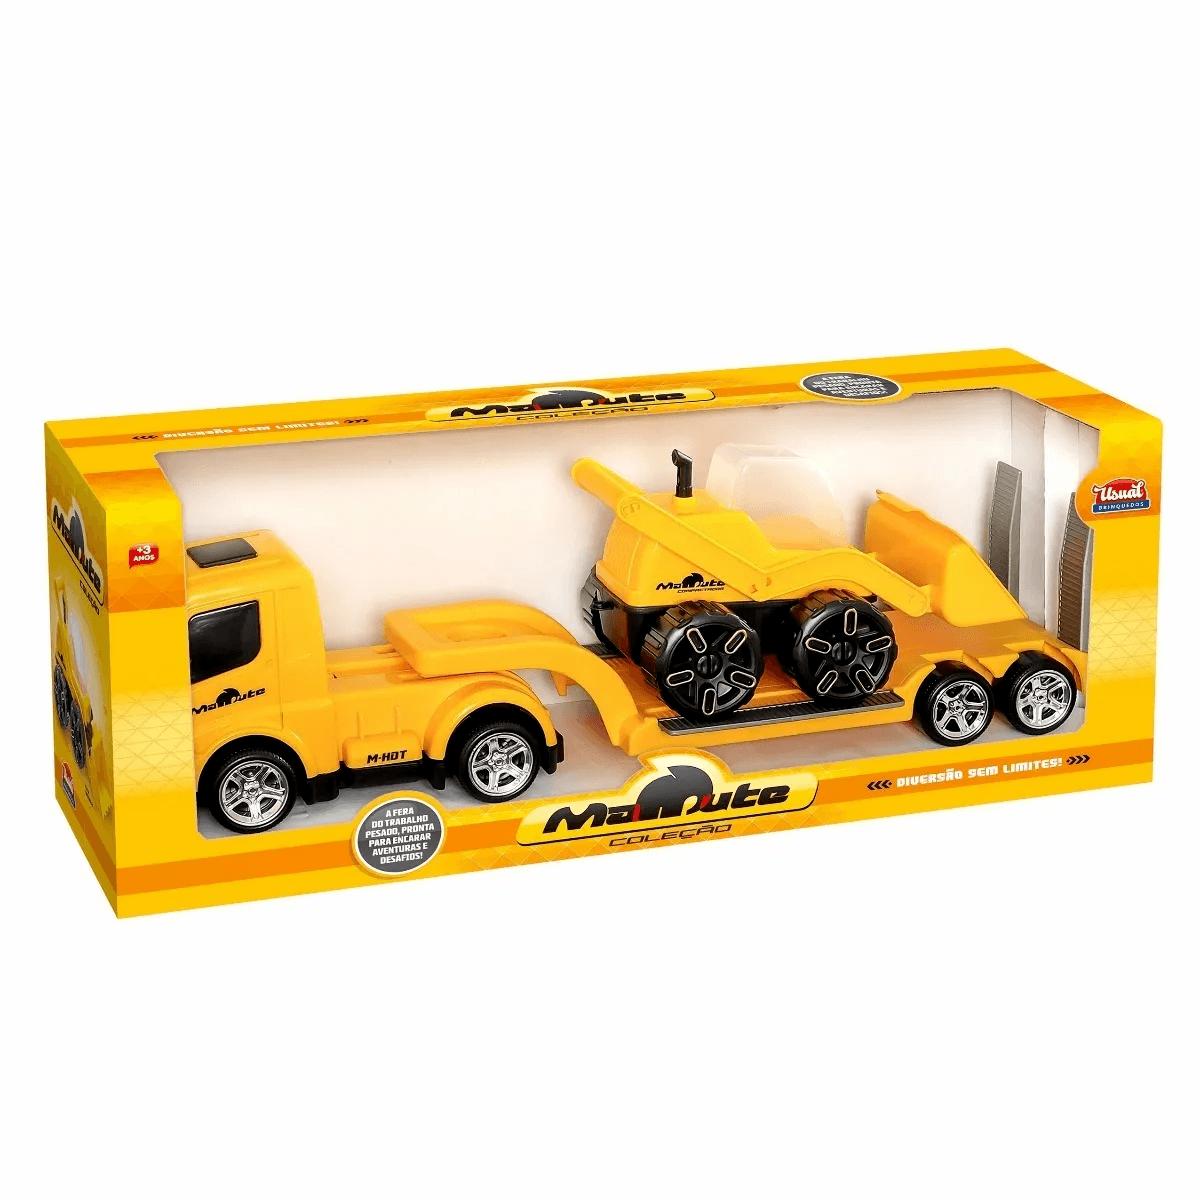 Caminhão Carrinho Mamute Prancha C/ Carregadeira 294 - Usual